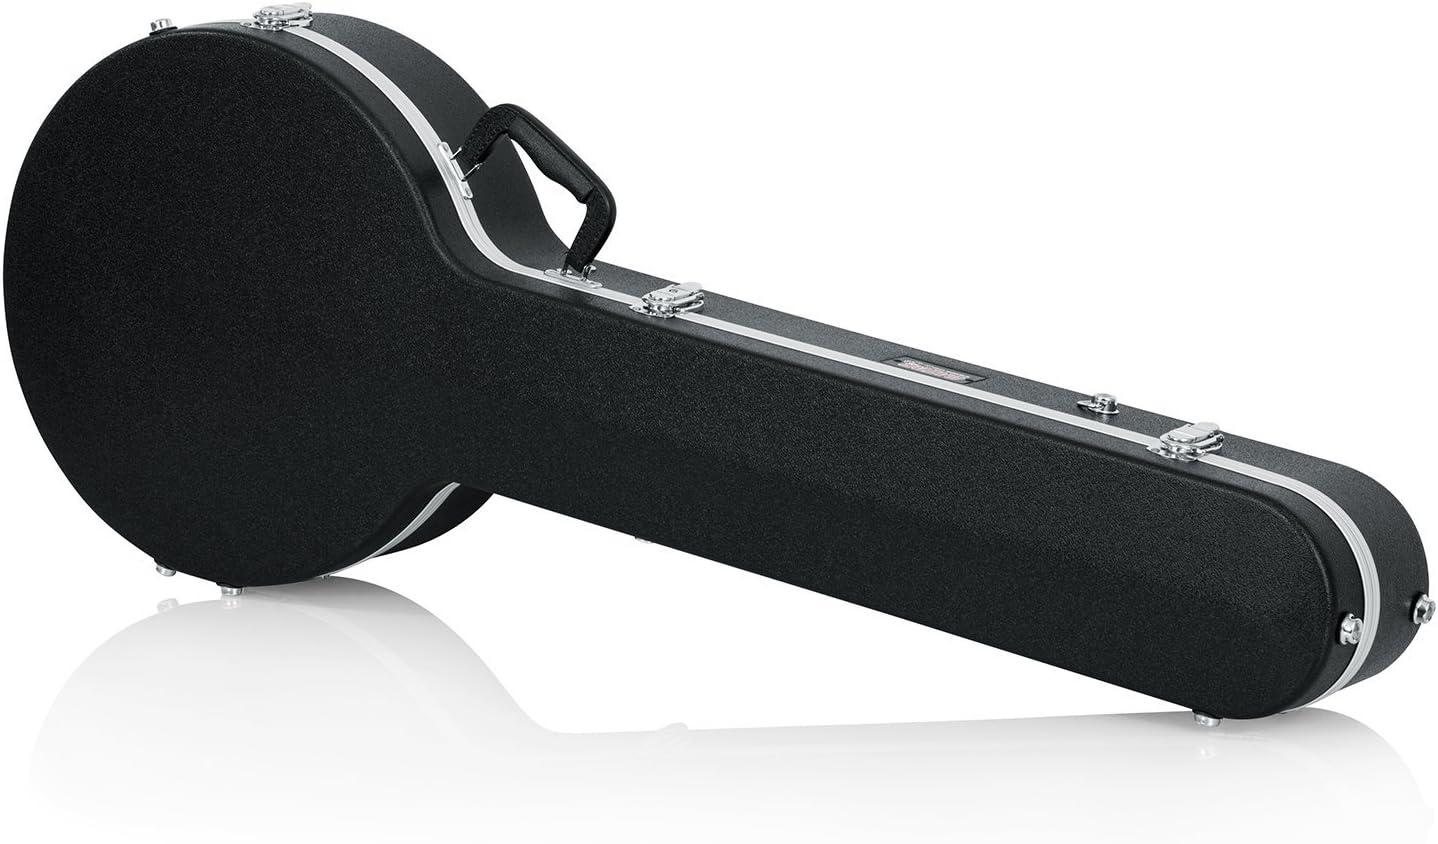 GATOR GC-BANJO-XL - Estuche para banjo de ABS (interior moldeado): Amazon.es: Instrumentos musicales